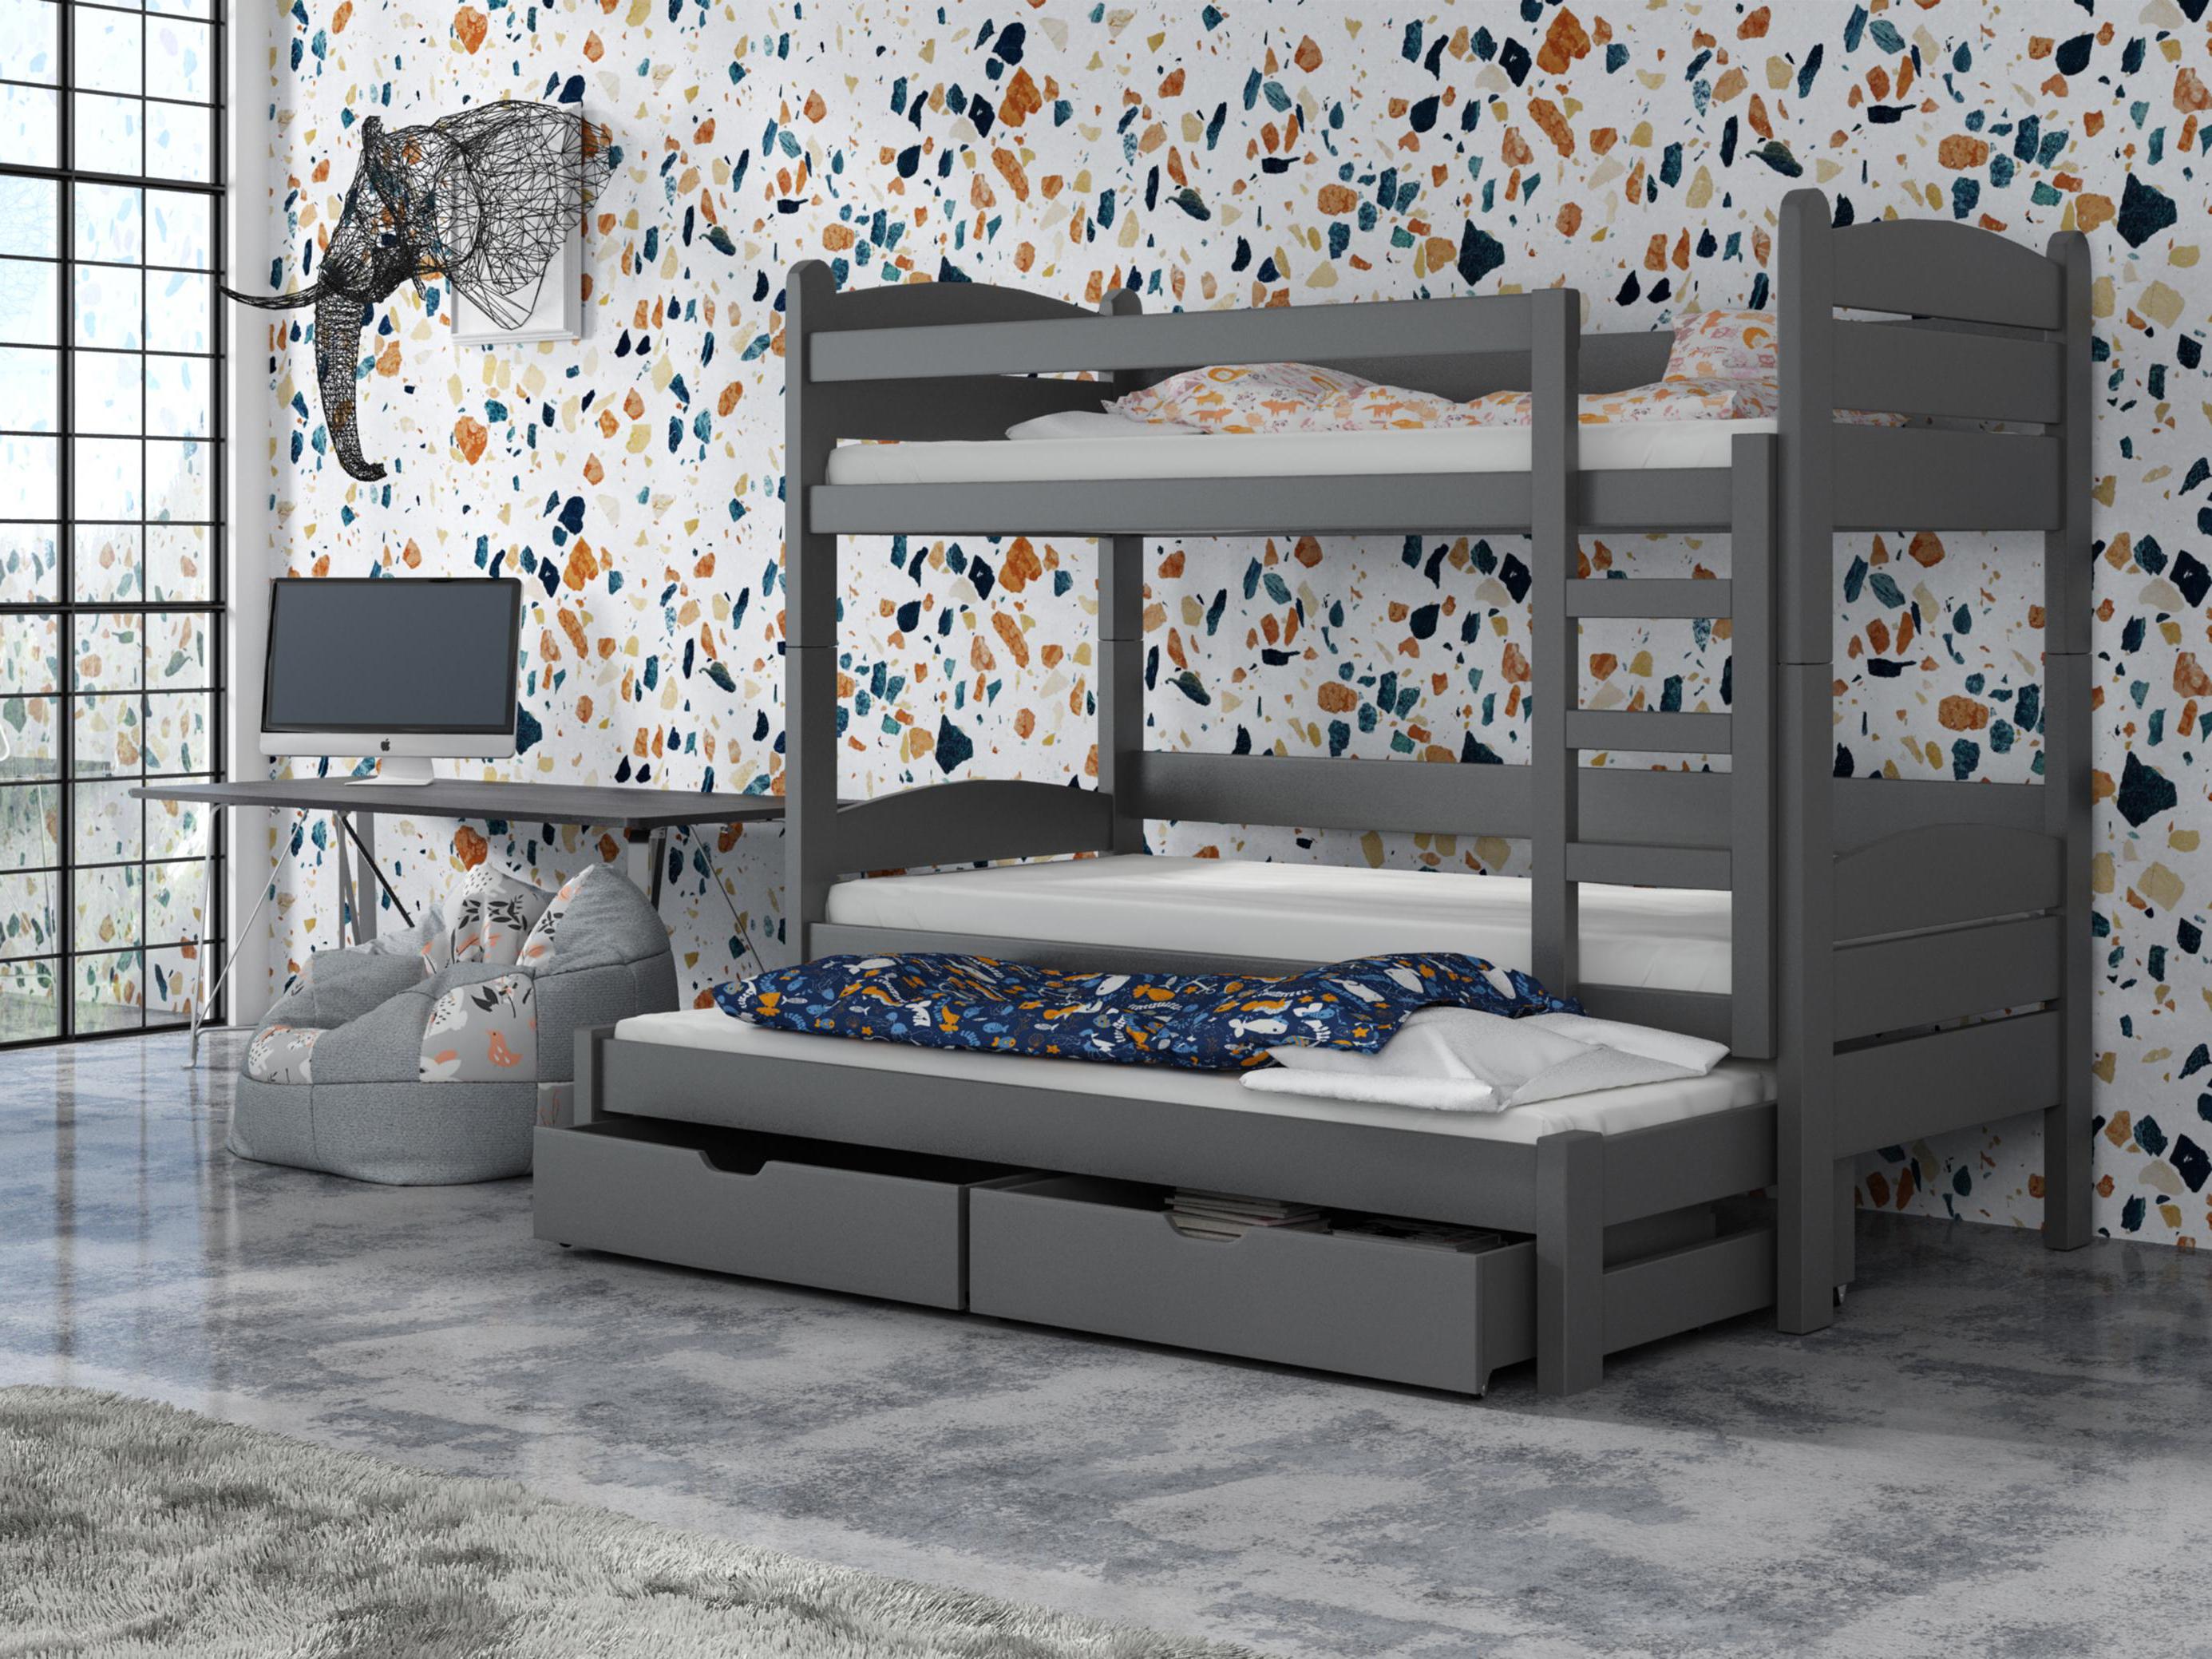 Dětská patrová postel 90 cm - Celsa (grafit)